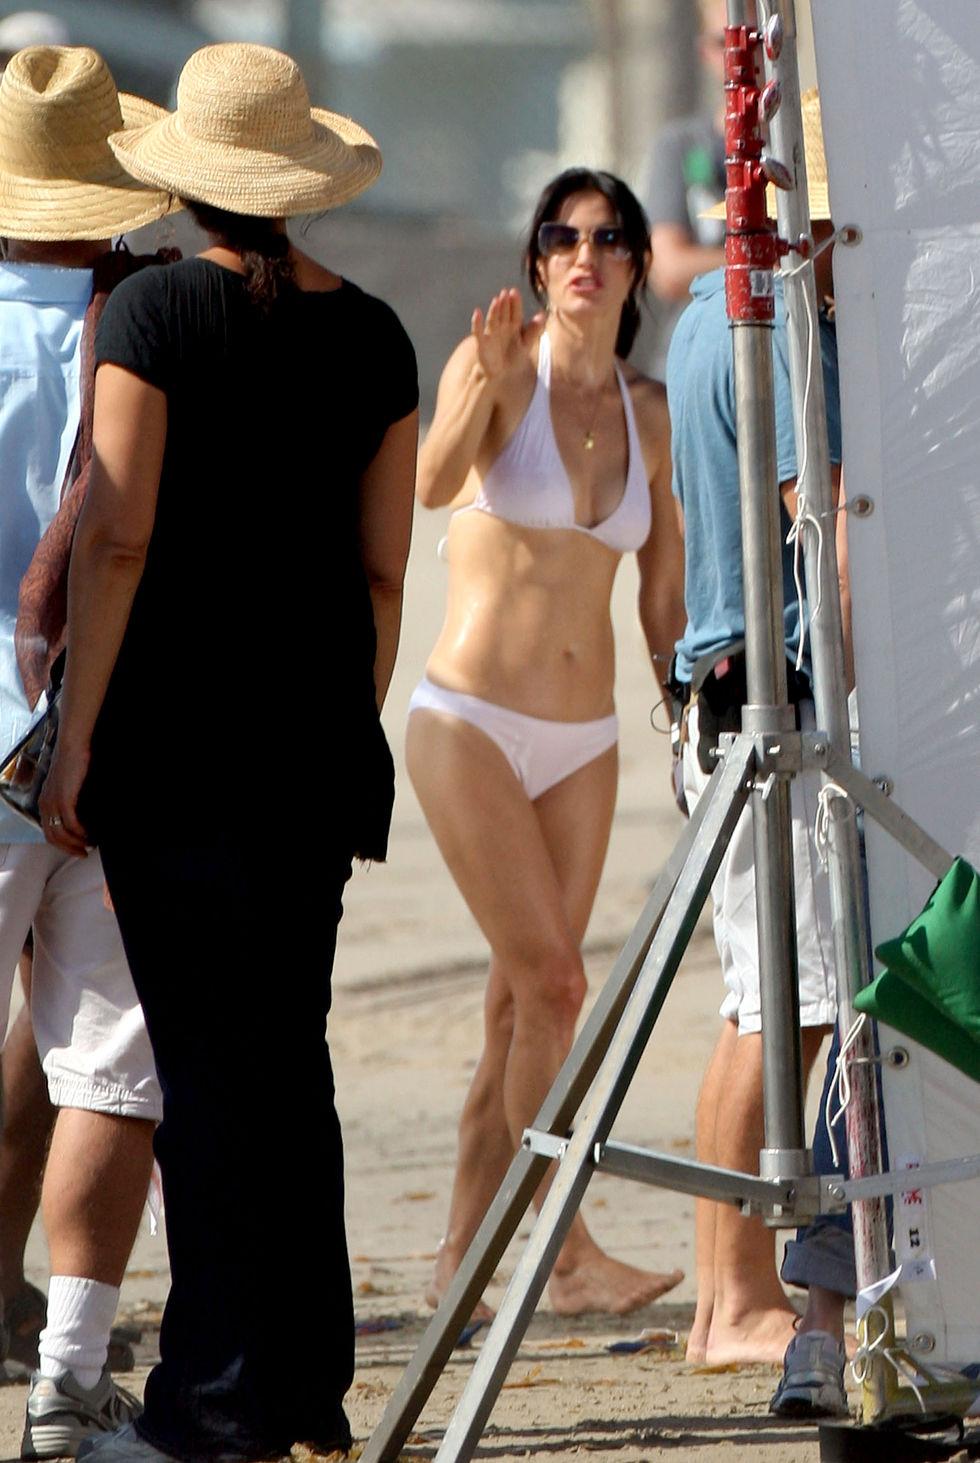 courteney-cox-in-bikini-on-set-of-cougartown-in-malibu-14